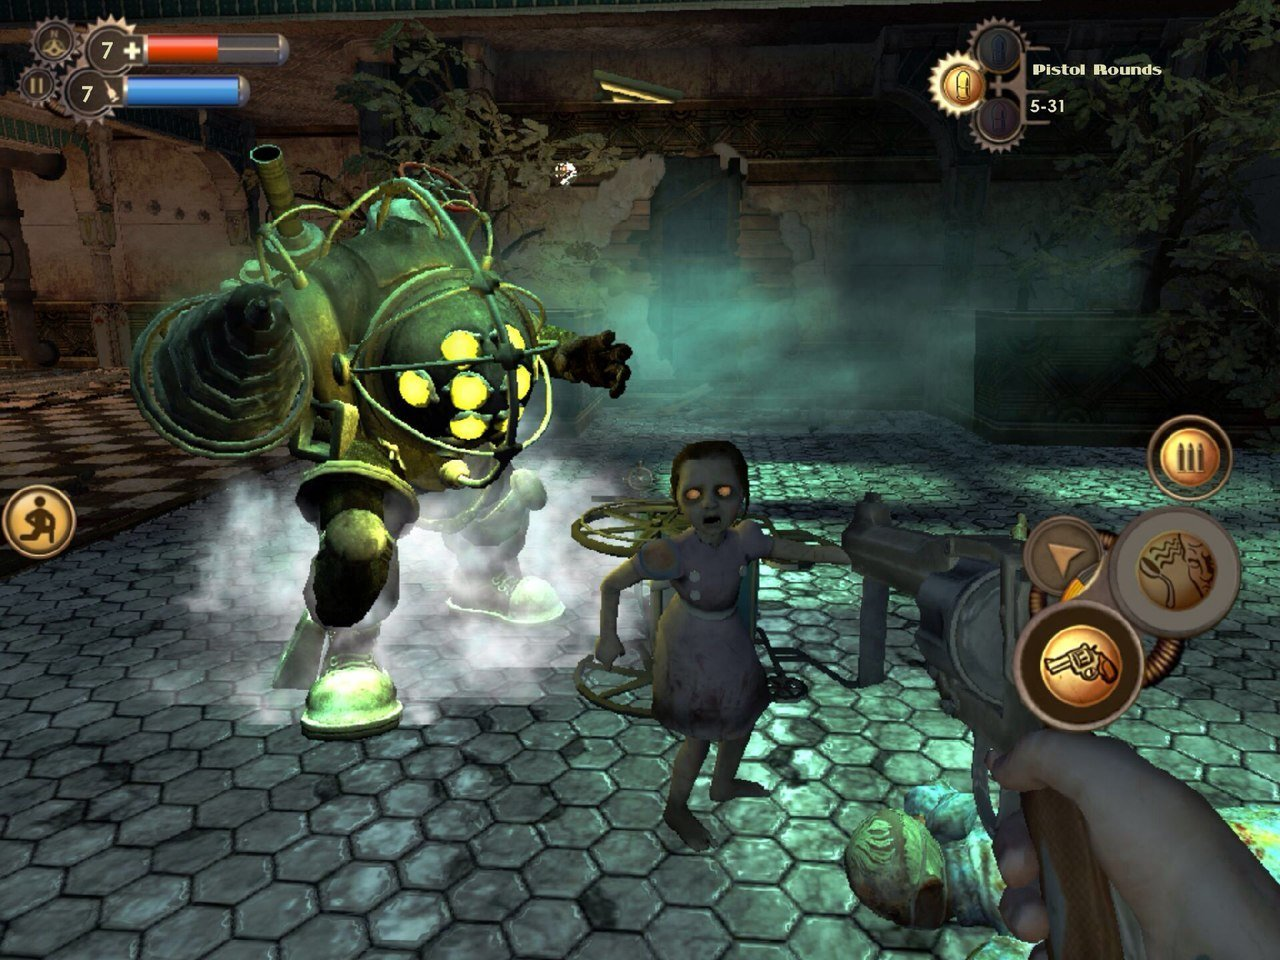 Первая часть серии Bioshock выйдет для iOS-устройств уже этим летом. - Изображение 1